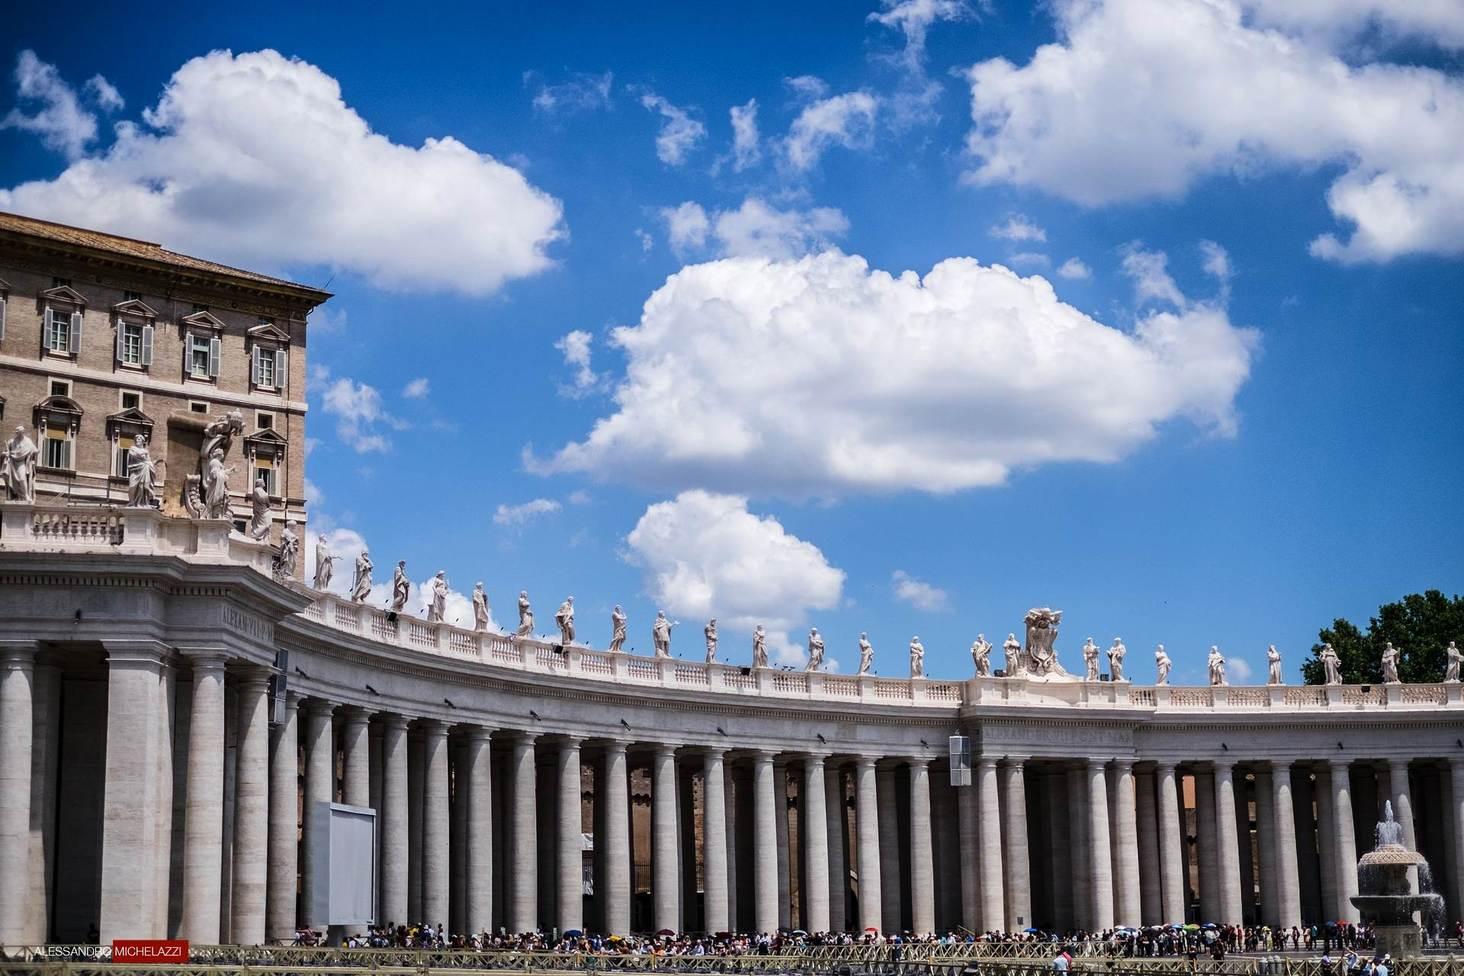 Alessandro-Michelazzi-Photography-Rome-Italy-8